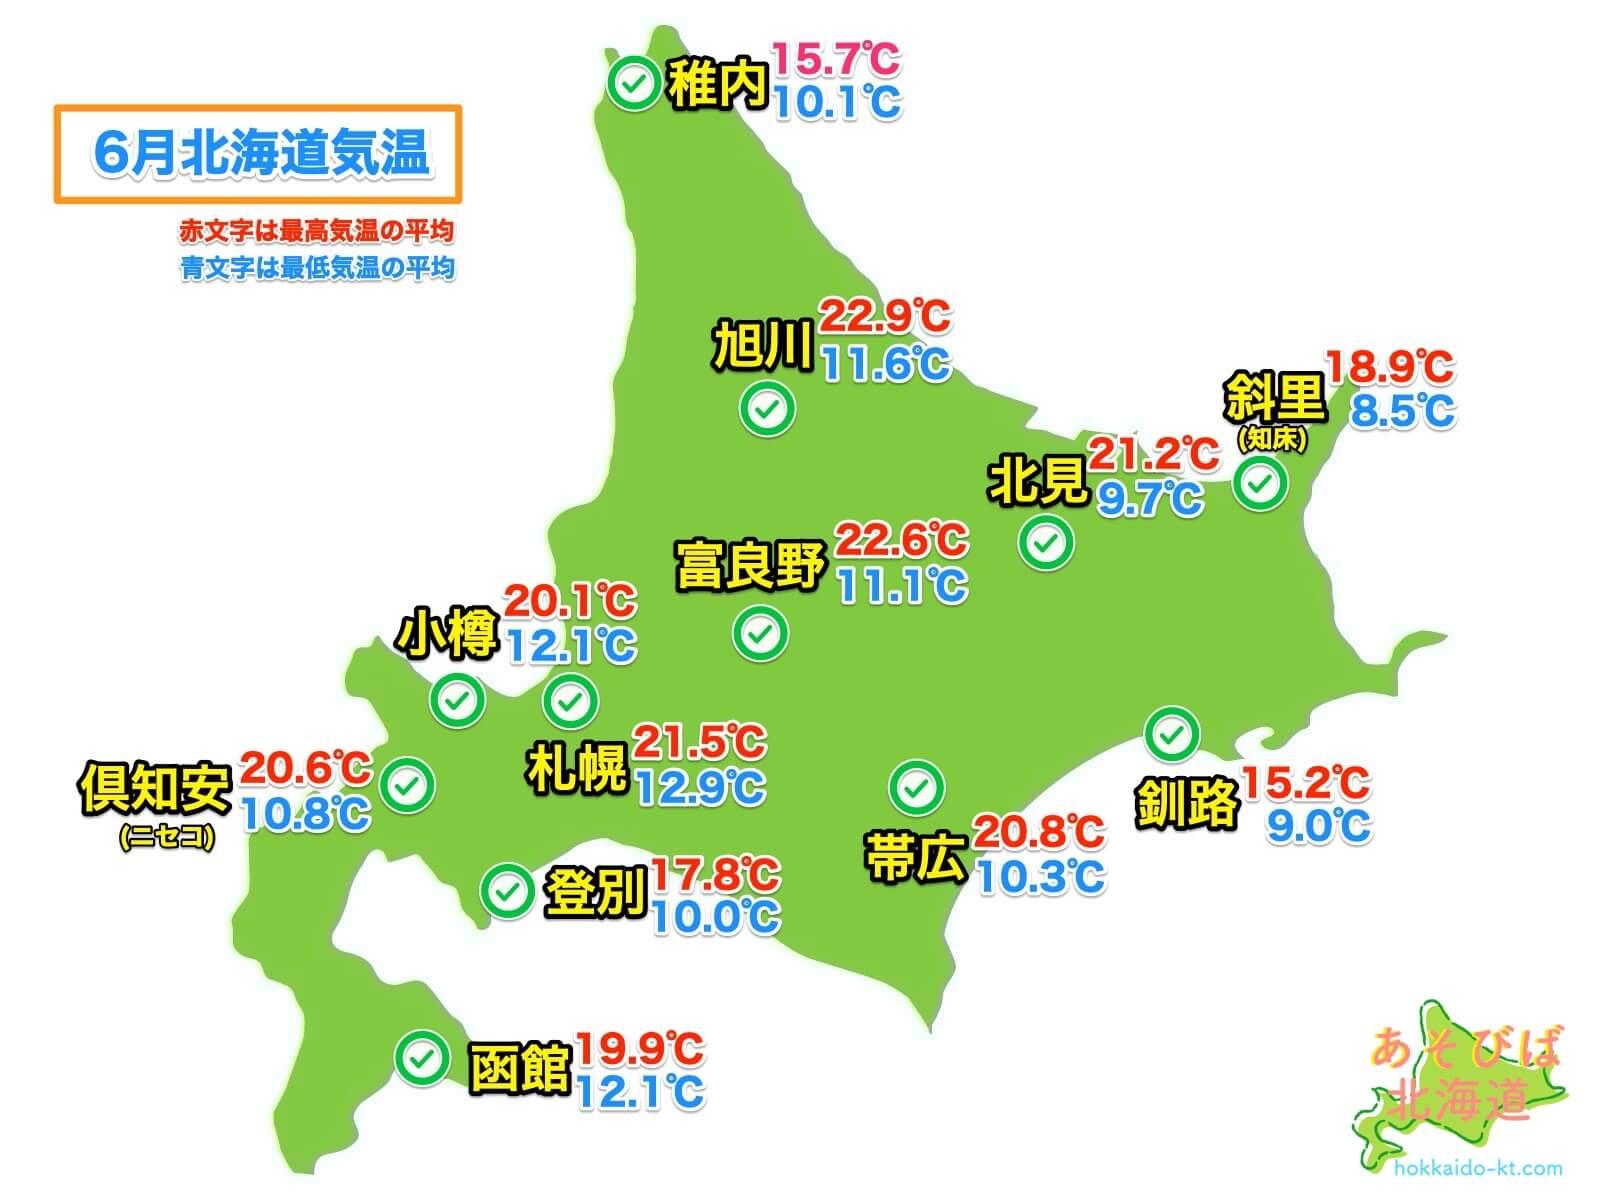 6月の北海道各地の気温